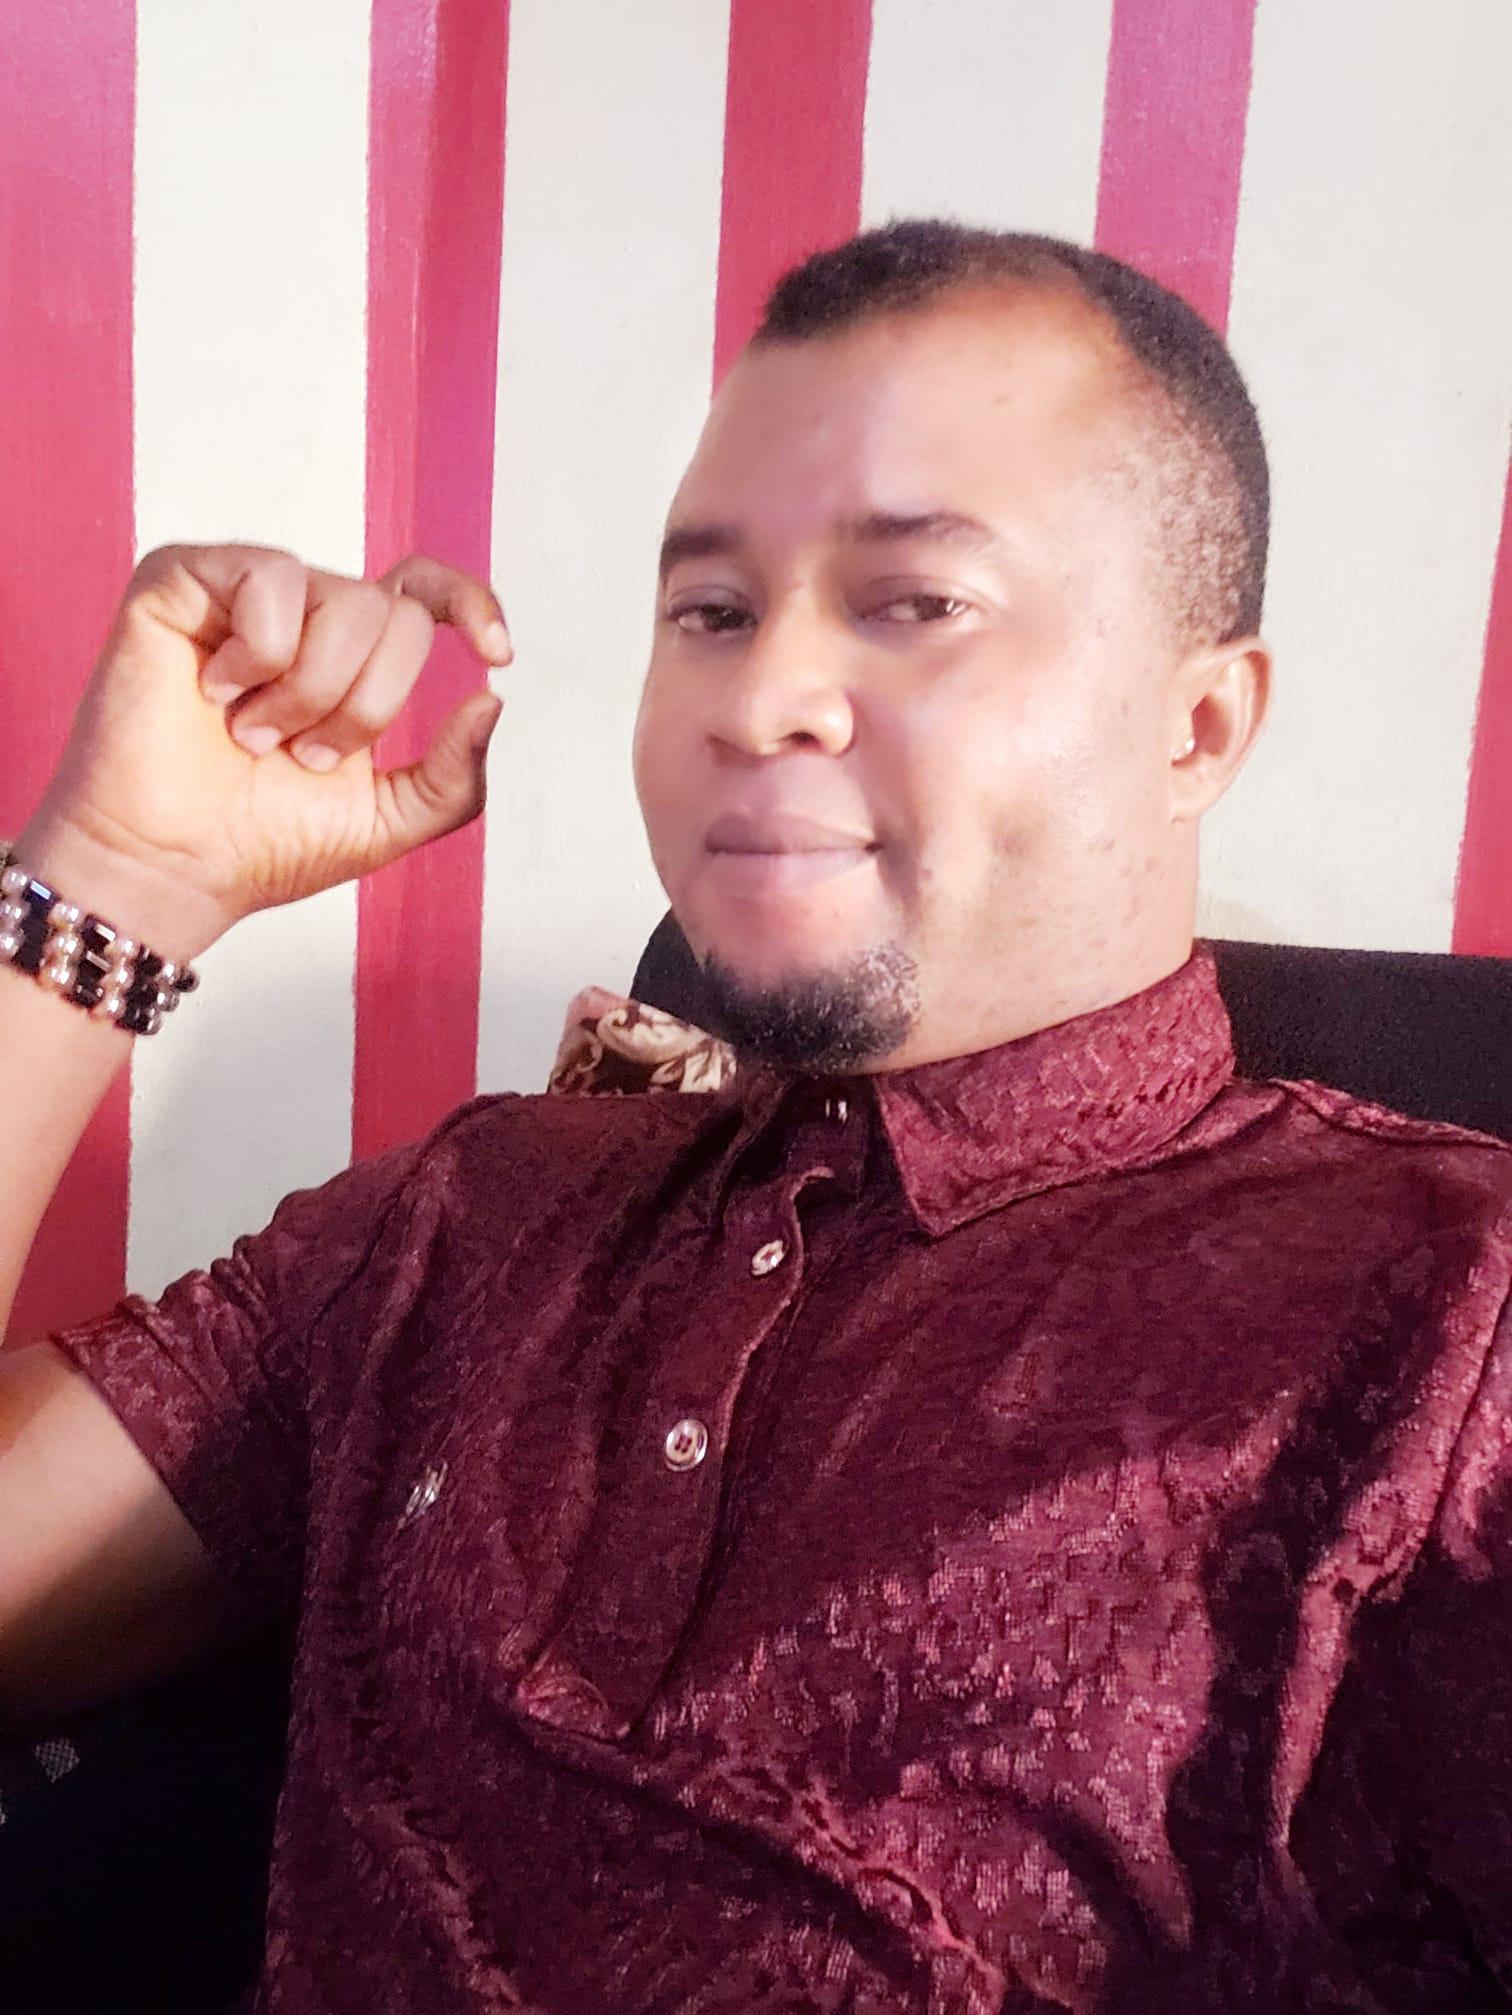 Gunmen kidnap youth leader in Ogun, demand N30m ransom